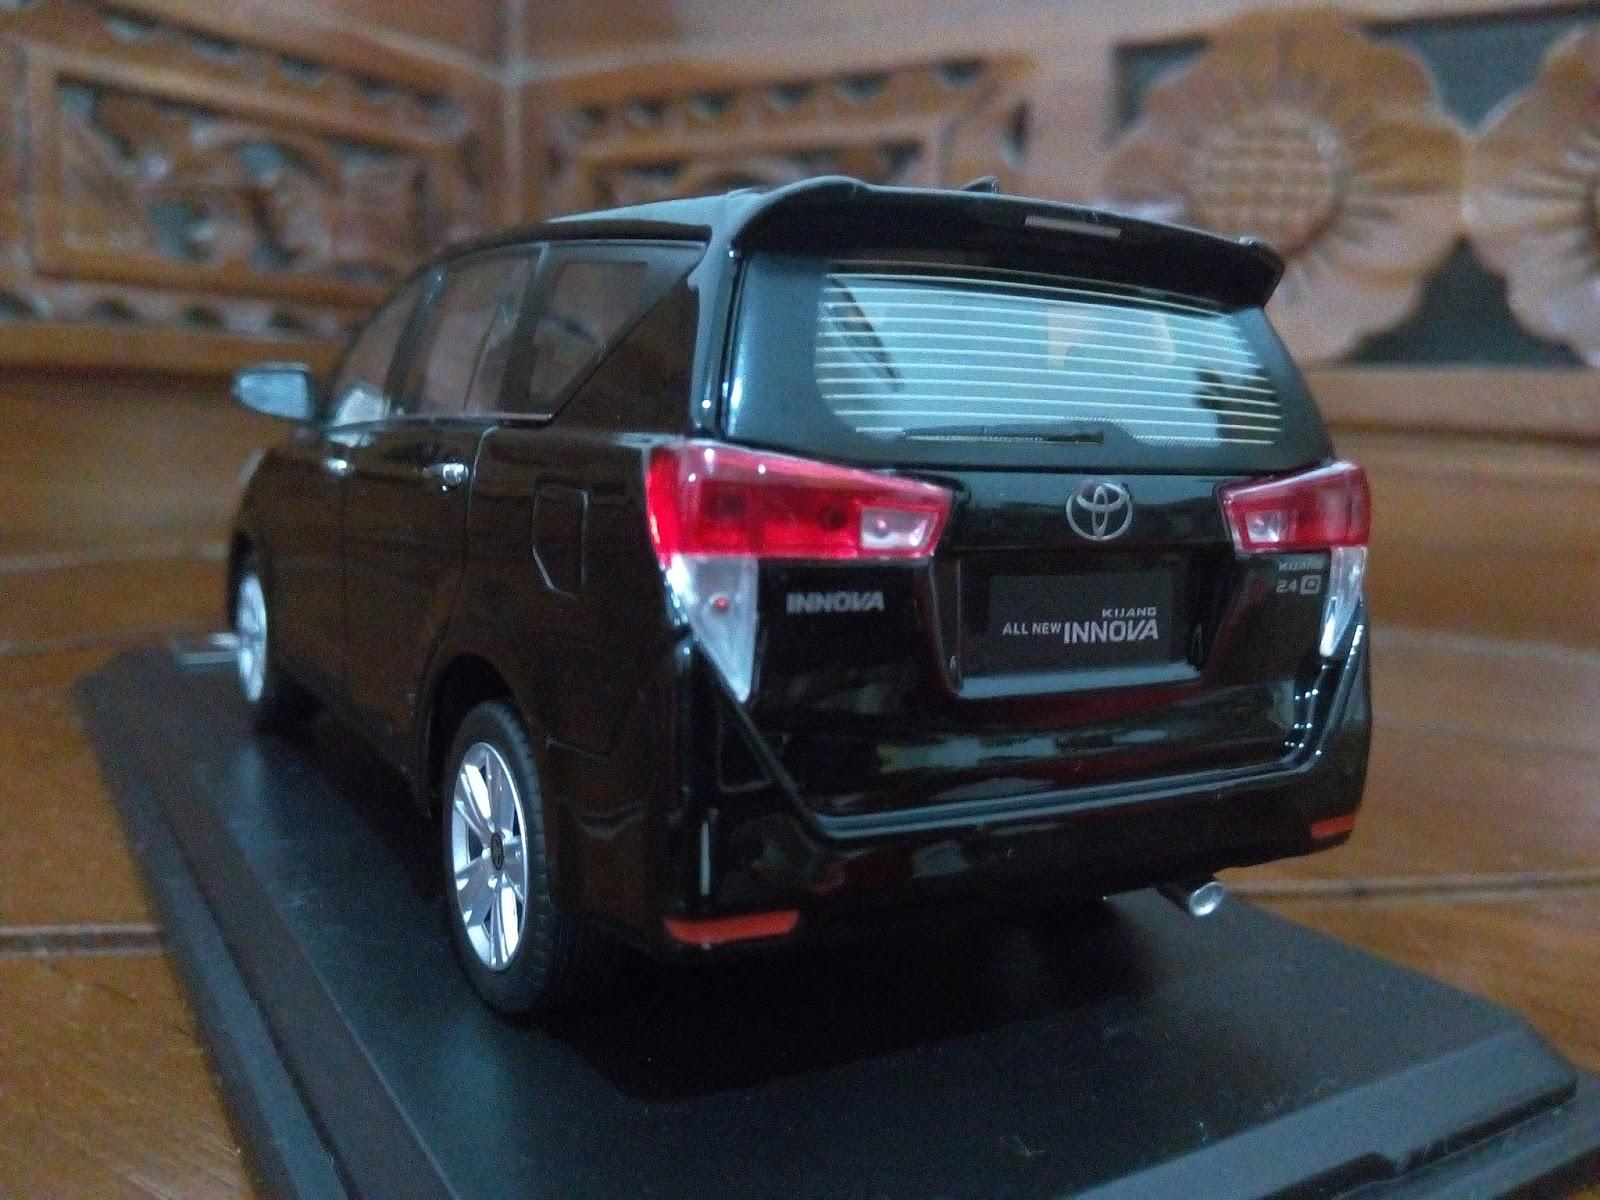 Pajak All New Kijang Innova 2016 Toyota Yaris Trd Price Philippines Miniatur Diecast Mobil